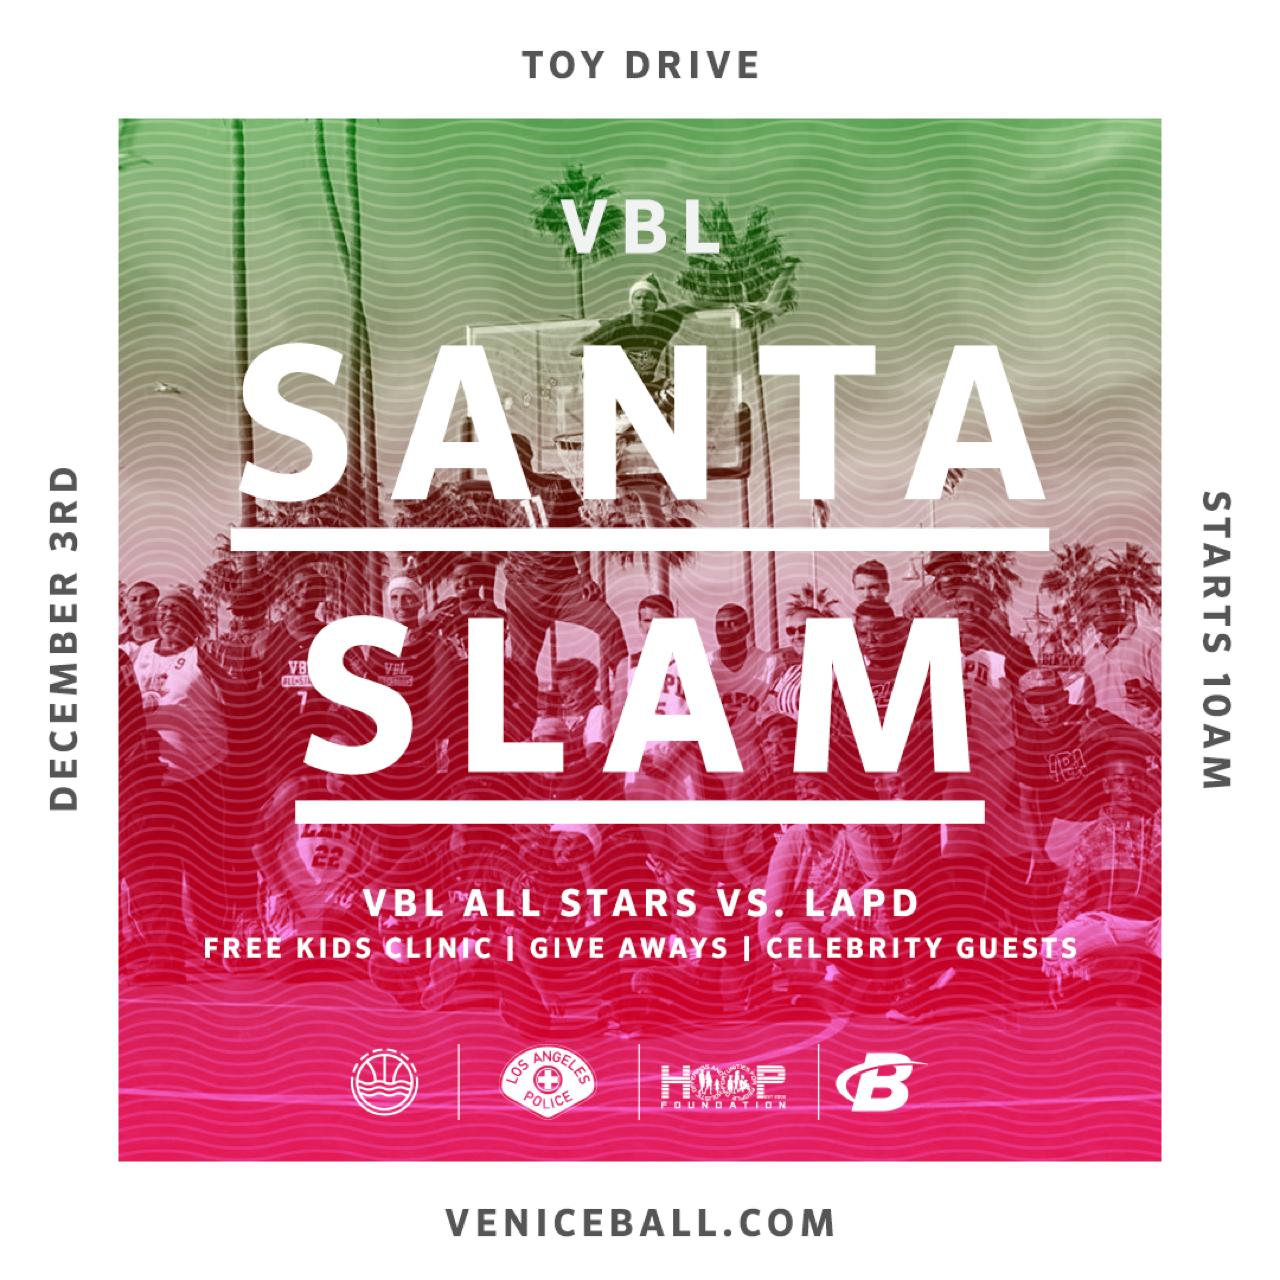 VBL Santa Slam – Toy Drive 2017